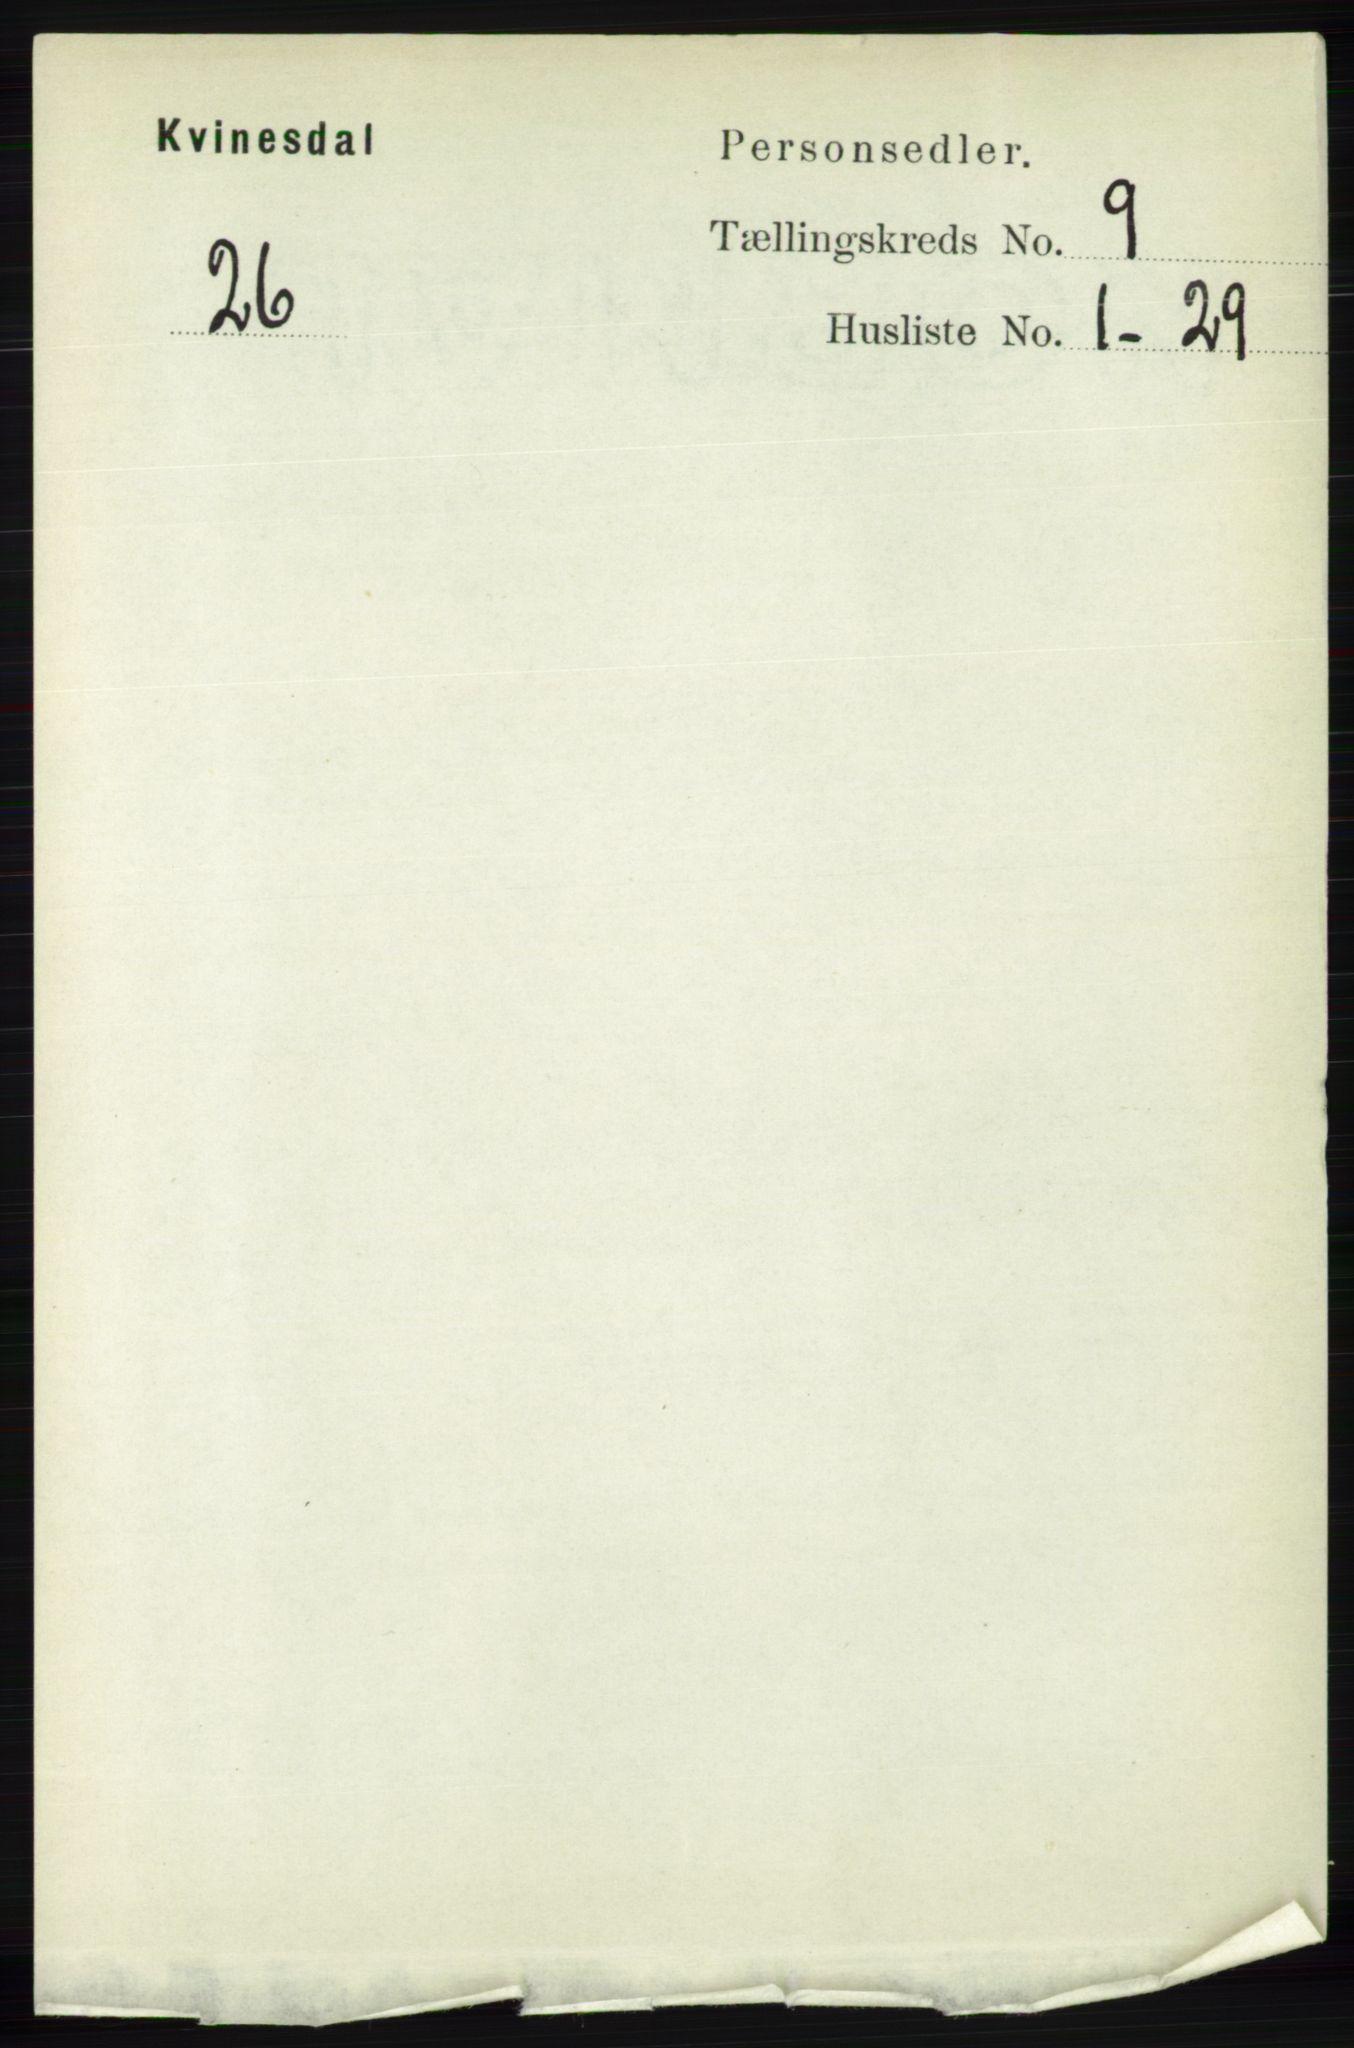 RA, Folketelling 1891 for 1037 Kvinesdal herred, 1891, s. 3292